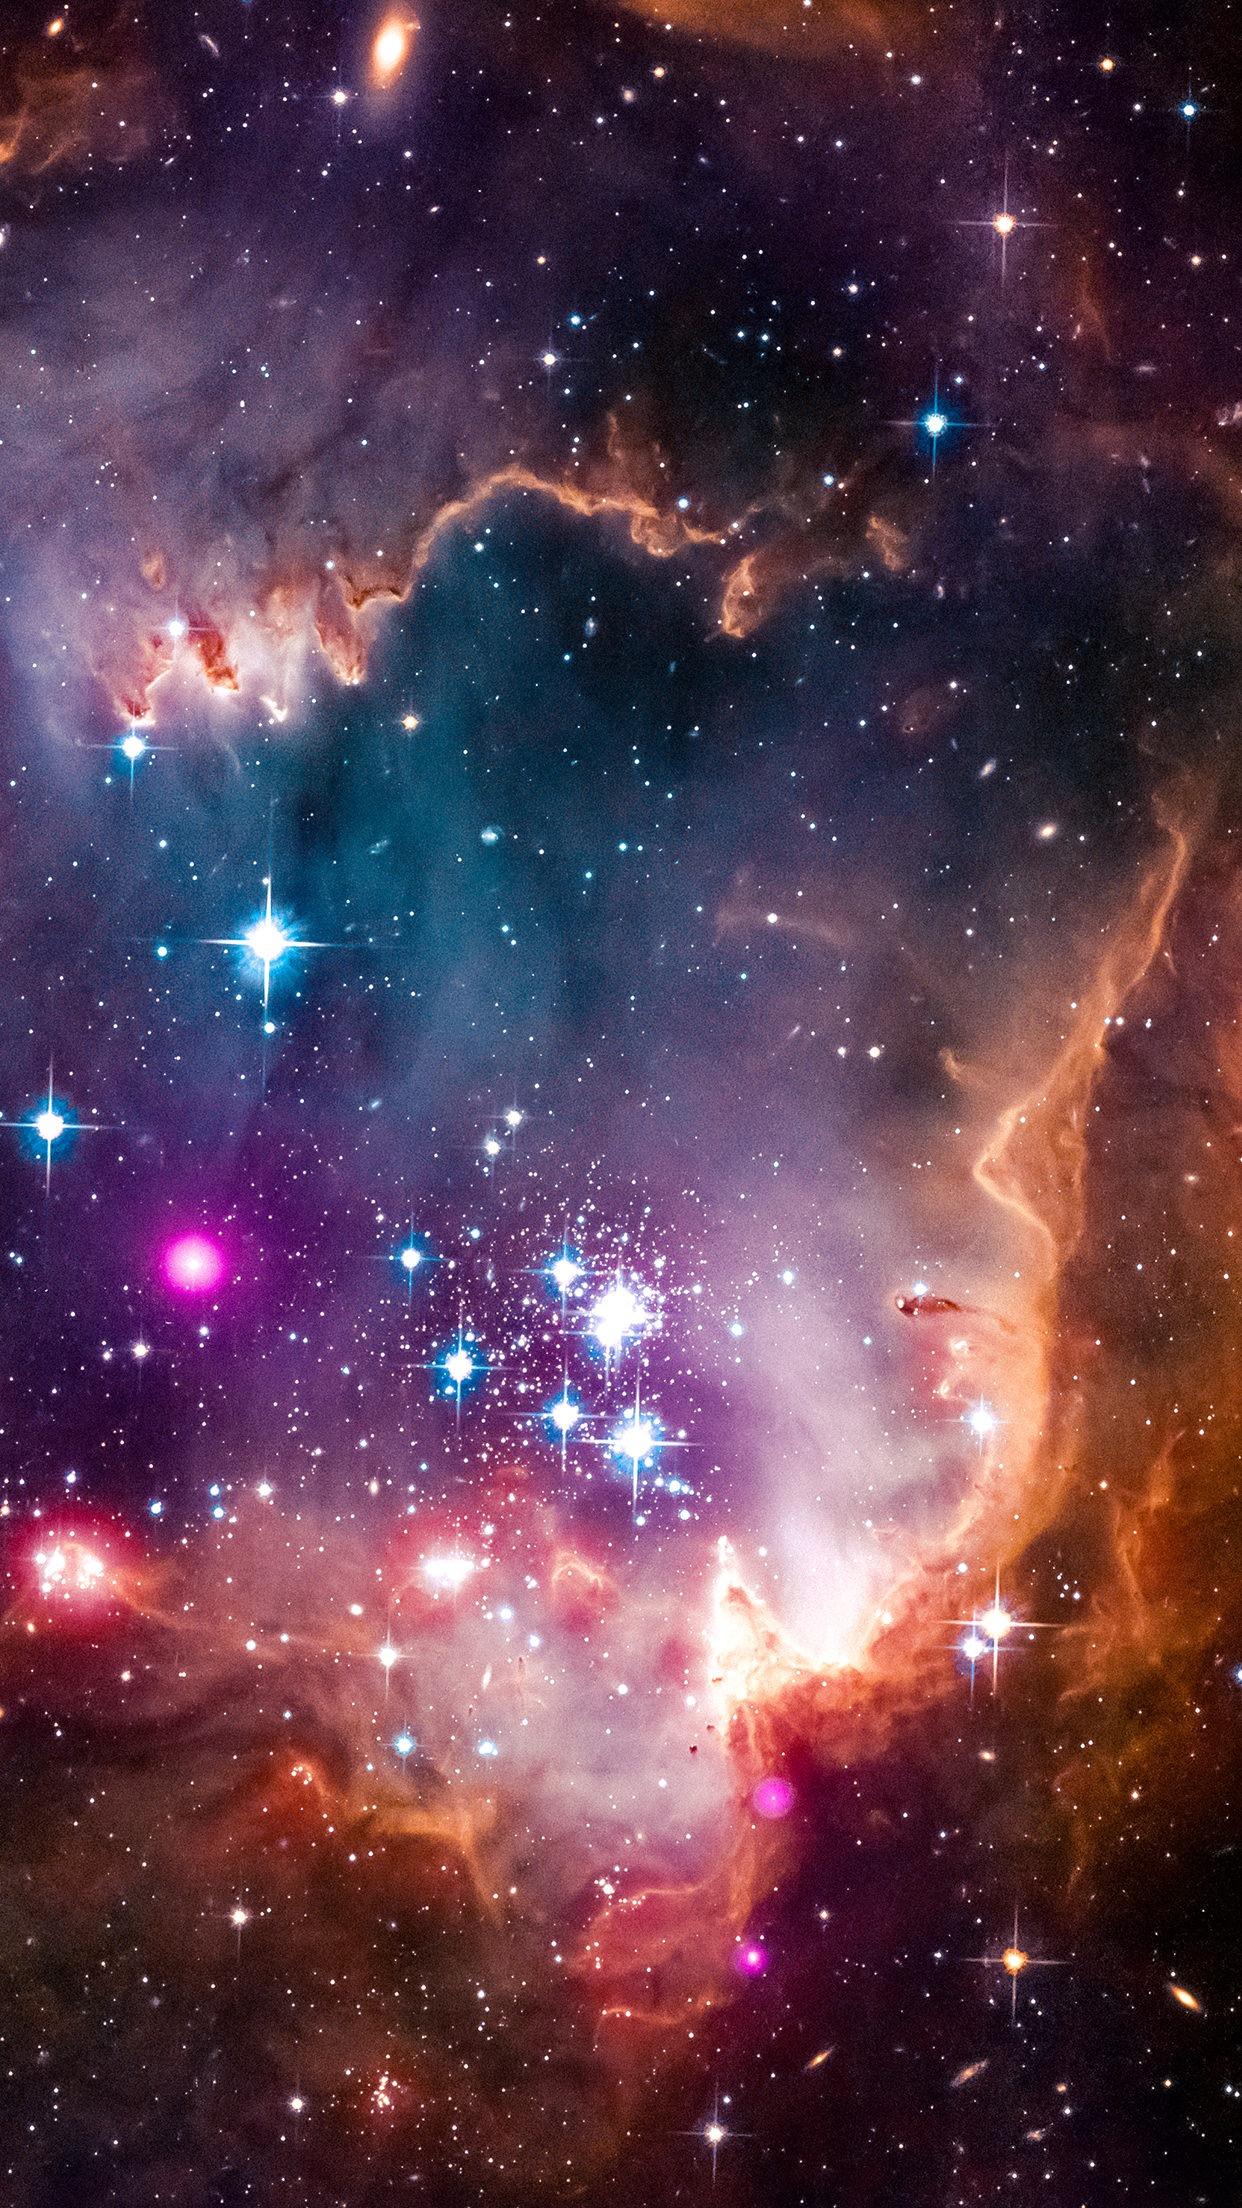 Fond d'écran : espace, galaxie, verticale, Affichage du portrait 1242x2208 - Linez - 1183090 ...